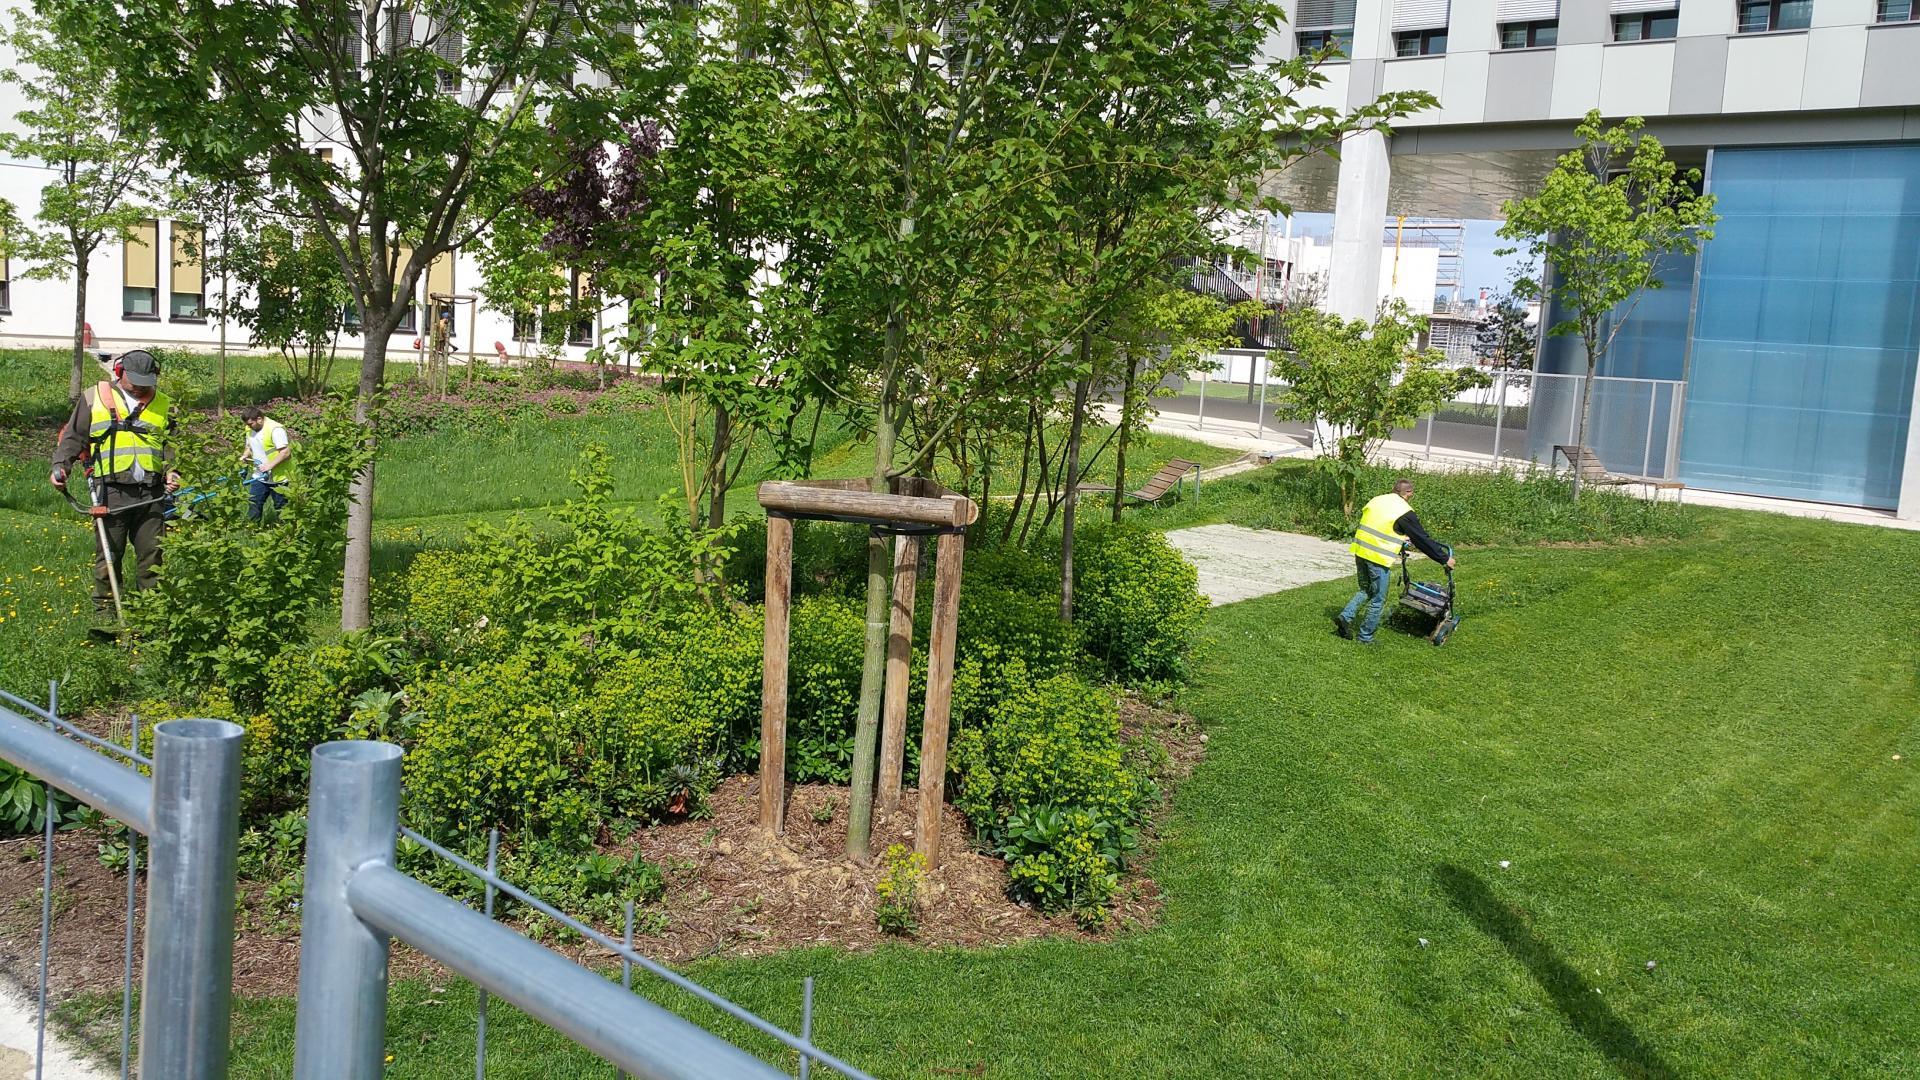 Entreprise Amenagement Exterieur Moselle paysagiste, metz, nancy, thionville - a.keip parcs et jardins